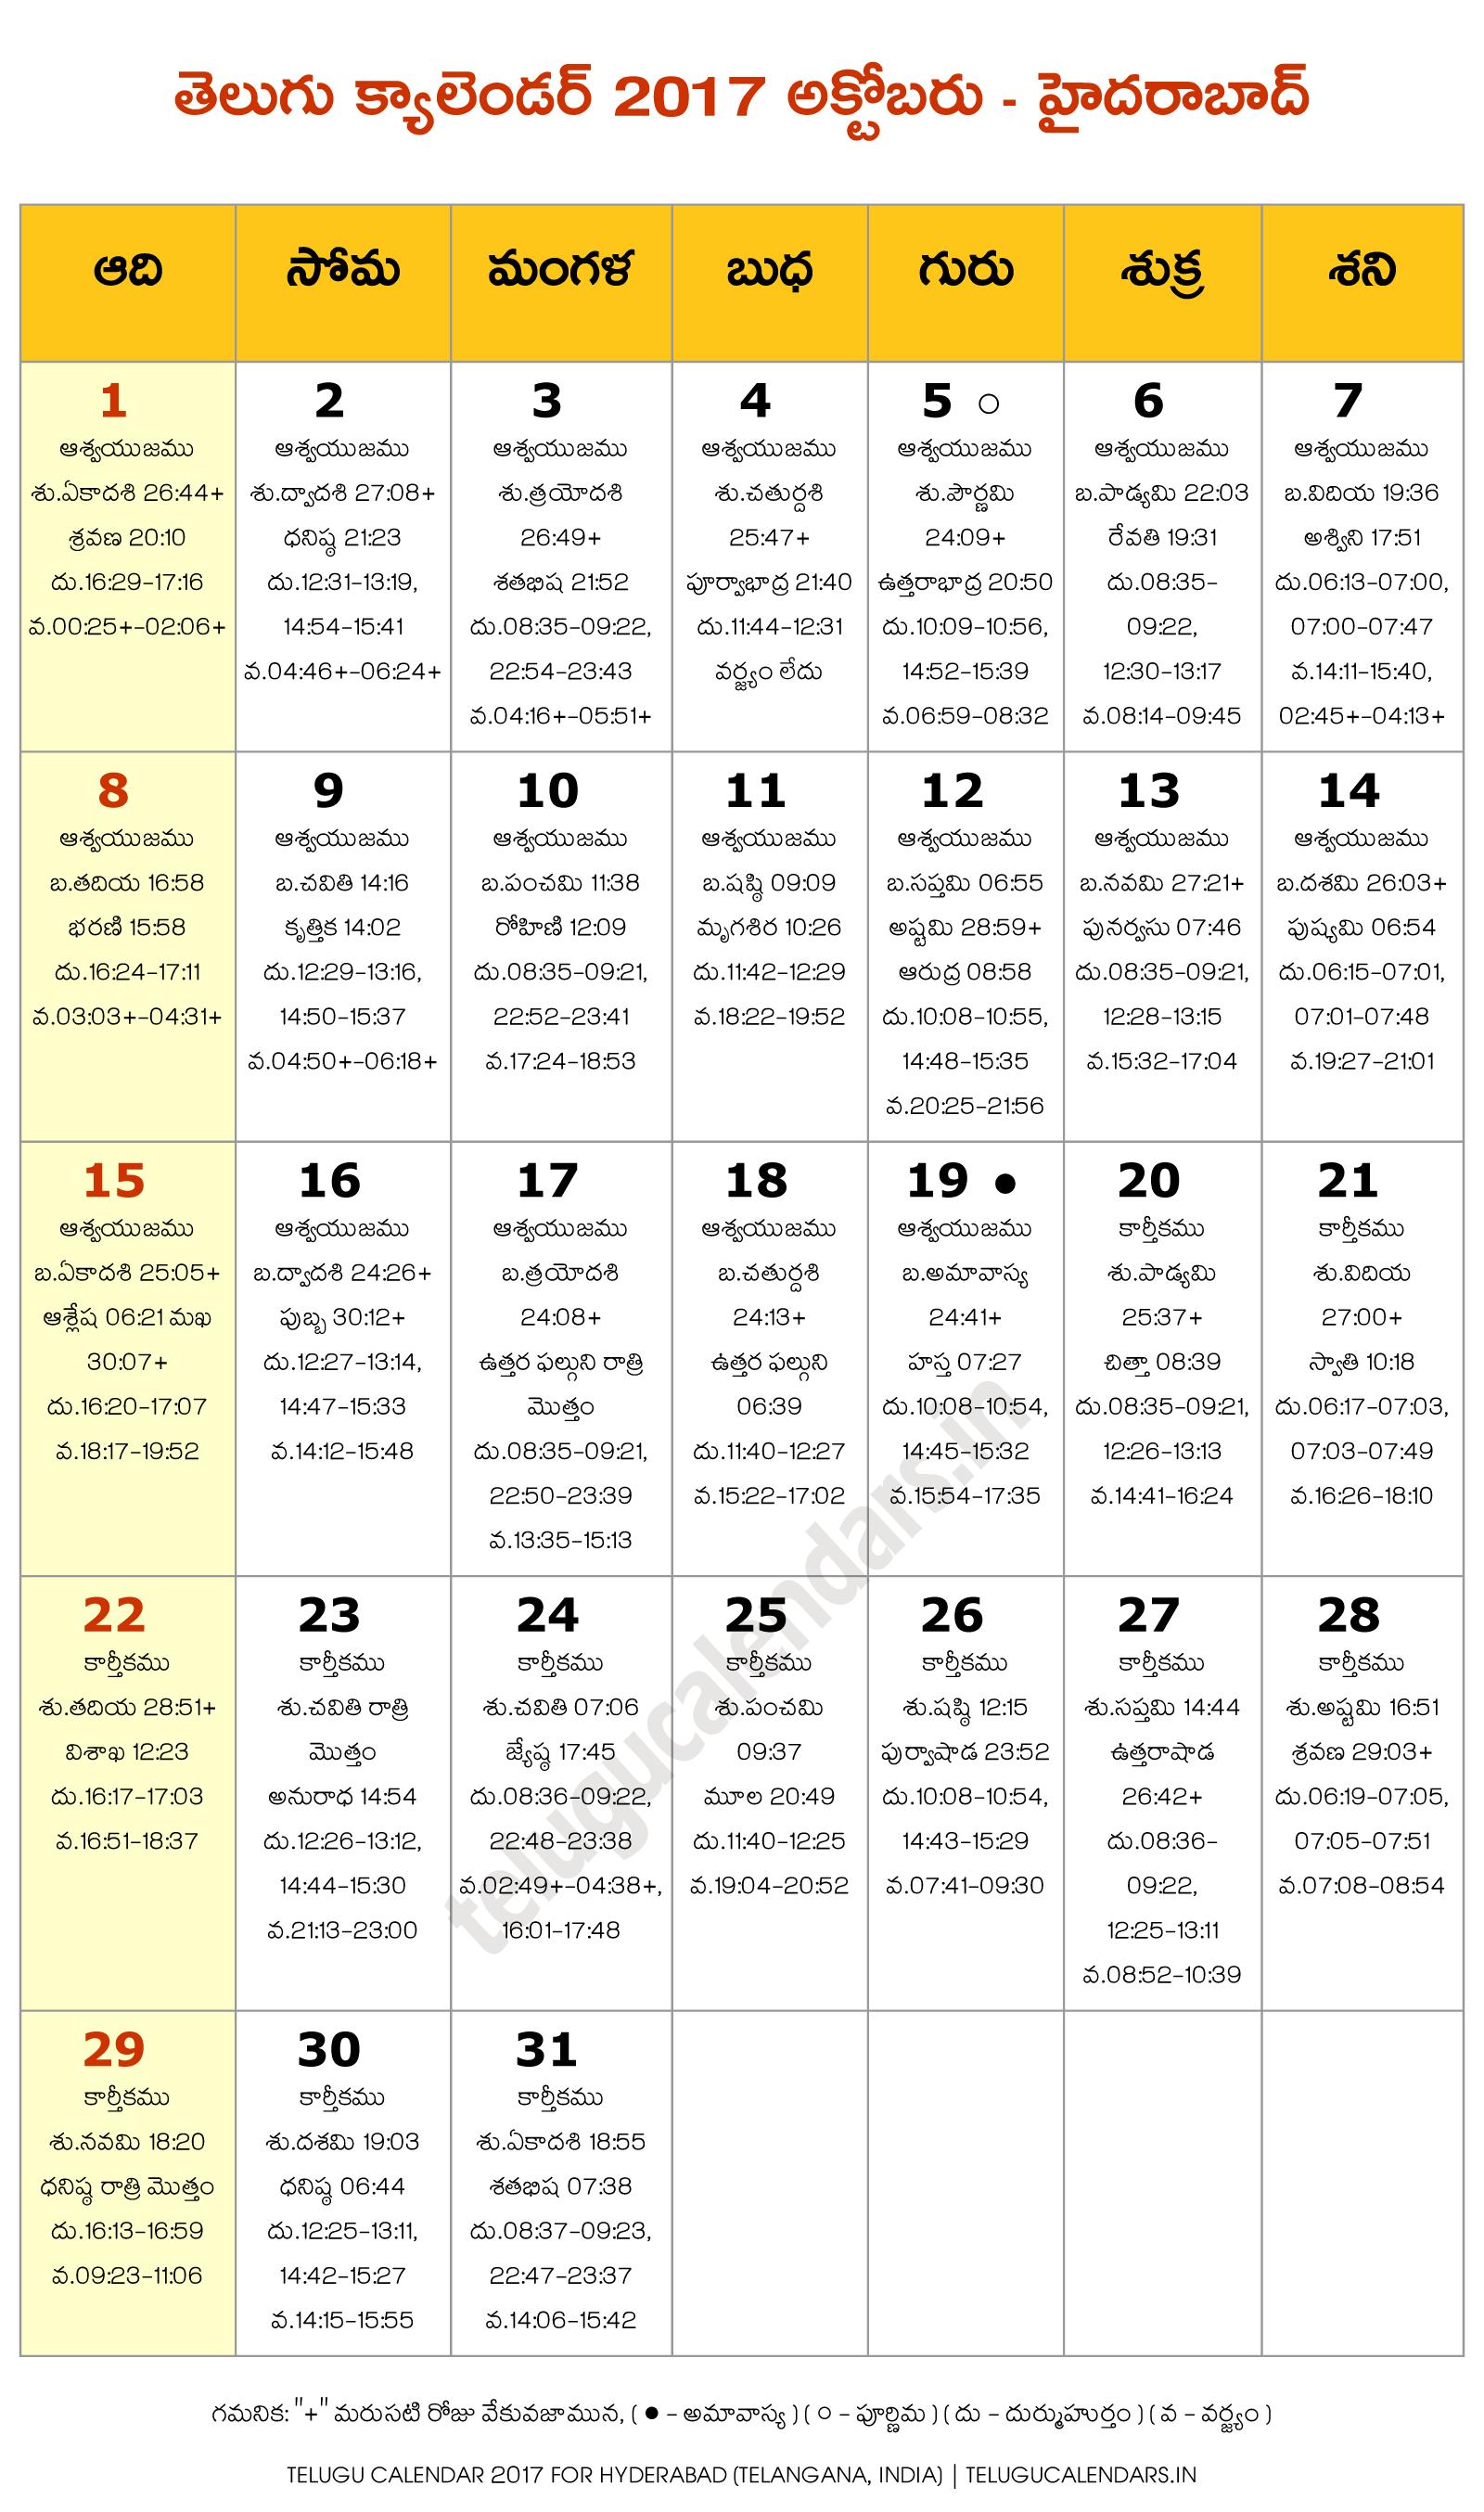 hyderabad 2017 october telugu calendar telugu calendars